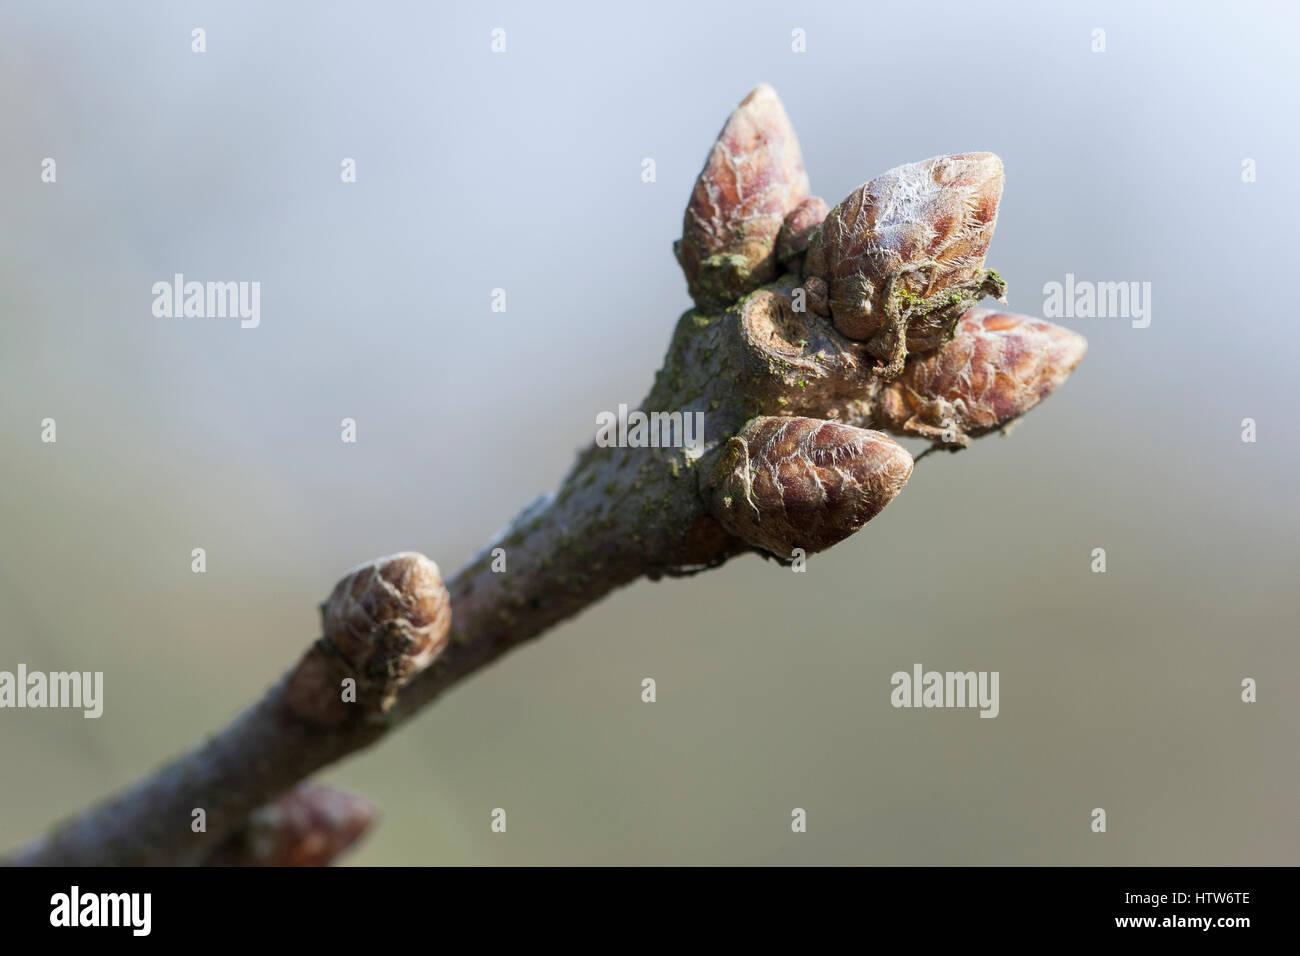 Stiel-Eiche, Stieleiche, Eiche, Knospe, Knospen, Eichenknospe, Quercus robur, Oak, English Oak, bud, buds, Chêne - Stock Image